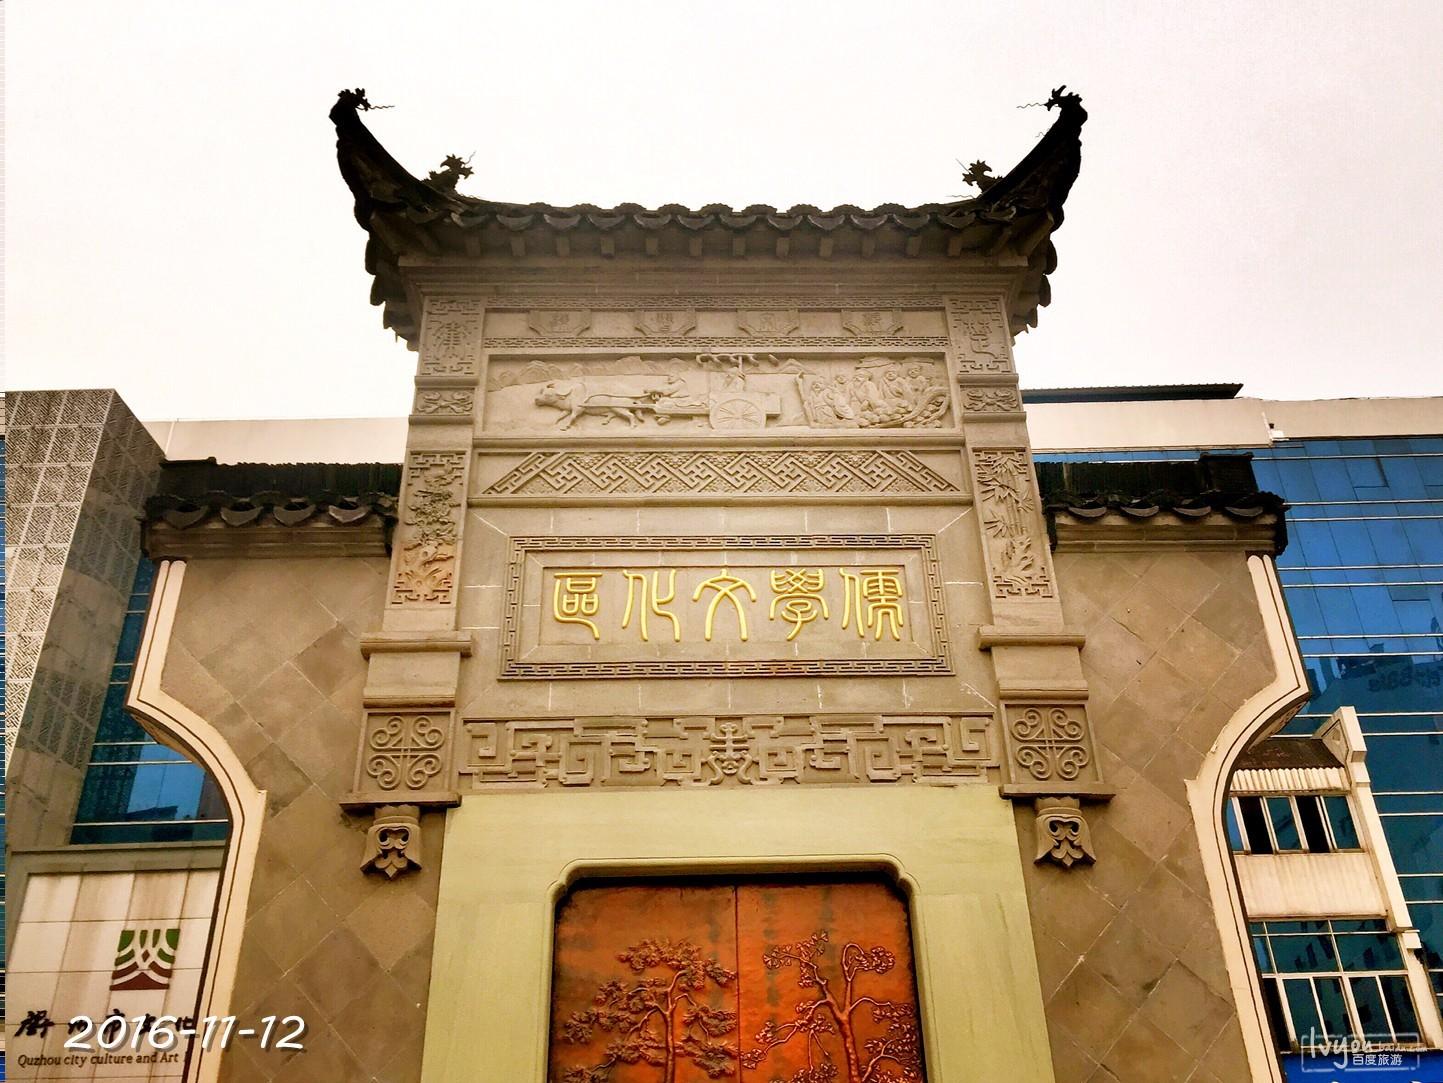 衢州旅游攻略图片174